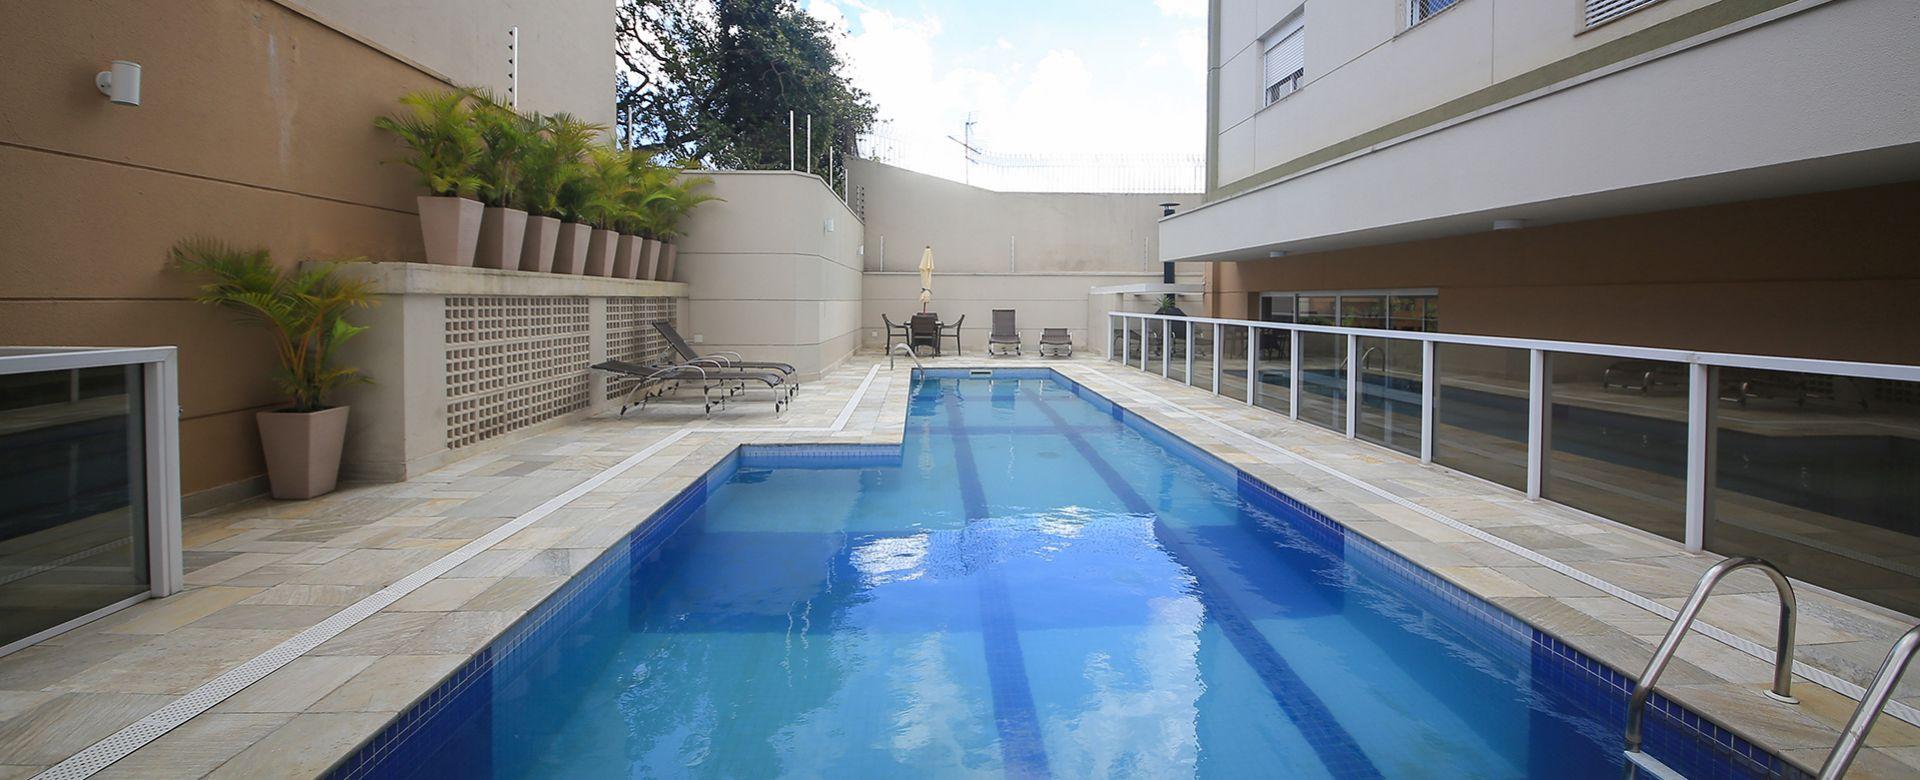 Imagem destaque do Edifício Allegro